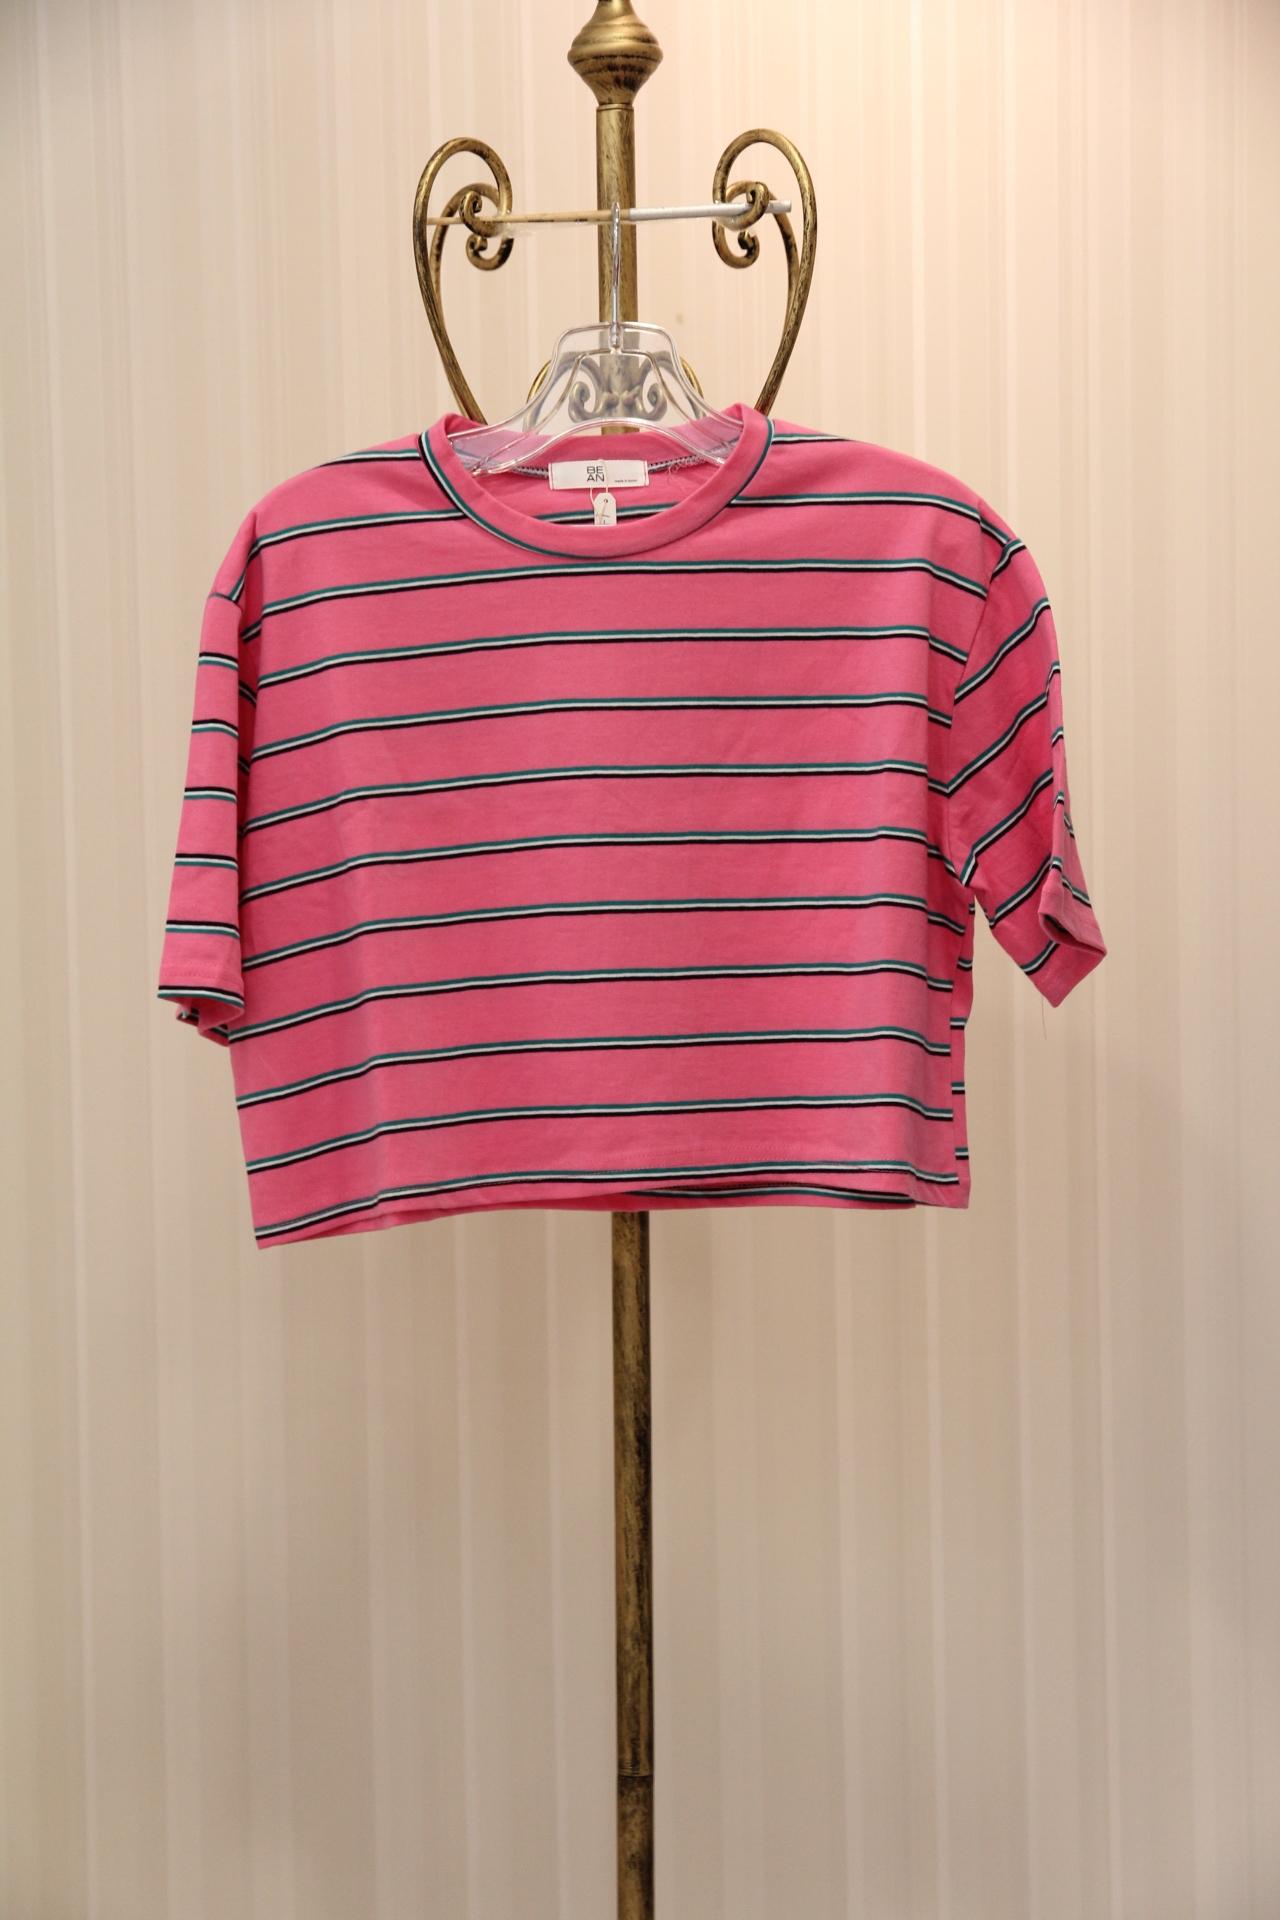 ピンクホワイトストライプTシャツ 1-116